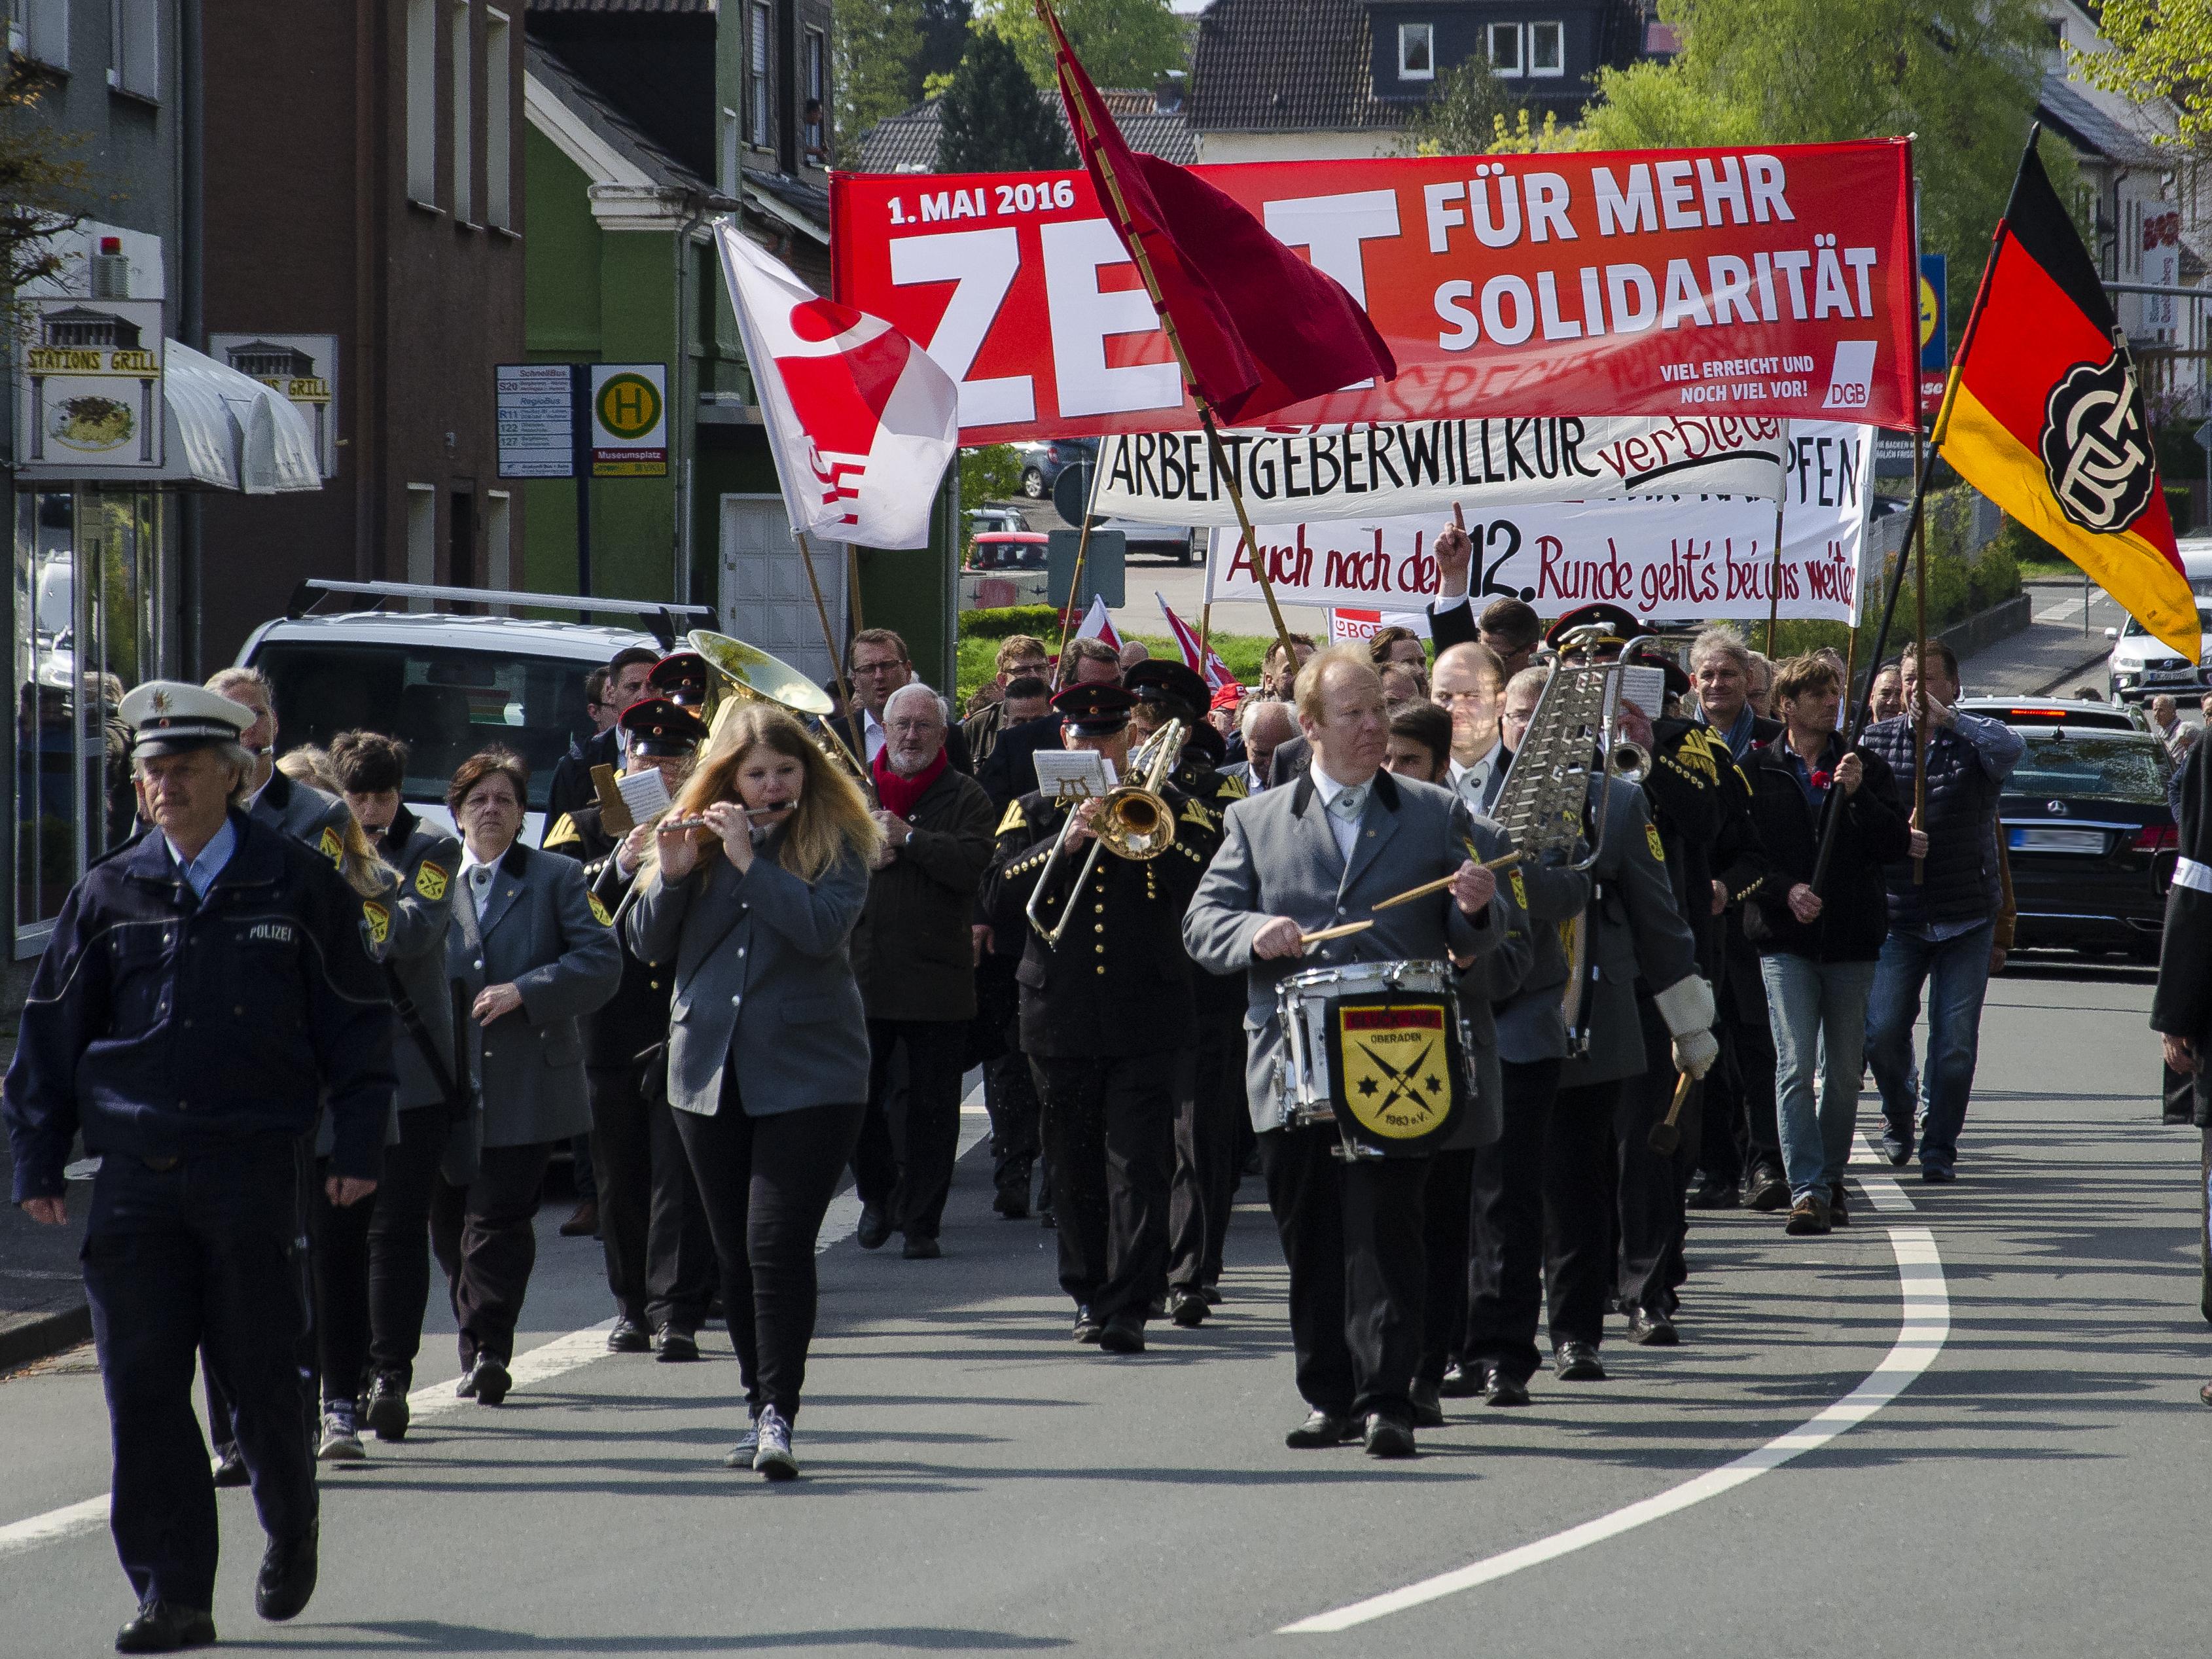 Traditioneller Demonstrationszug vom Museumsplatz zur Römerbergsporthalle.